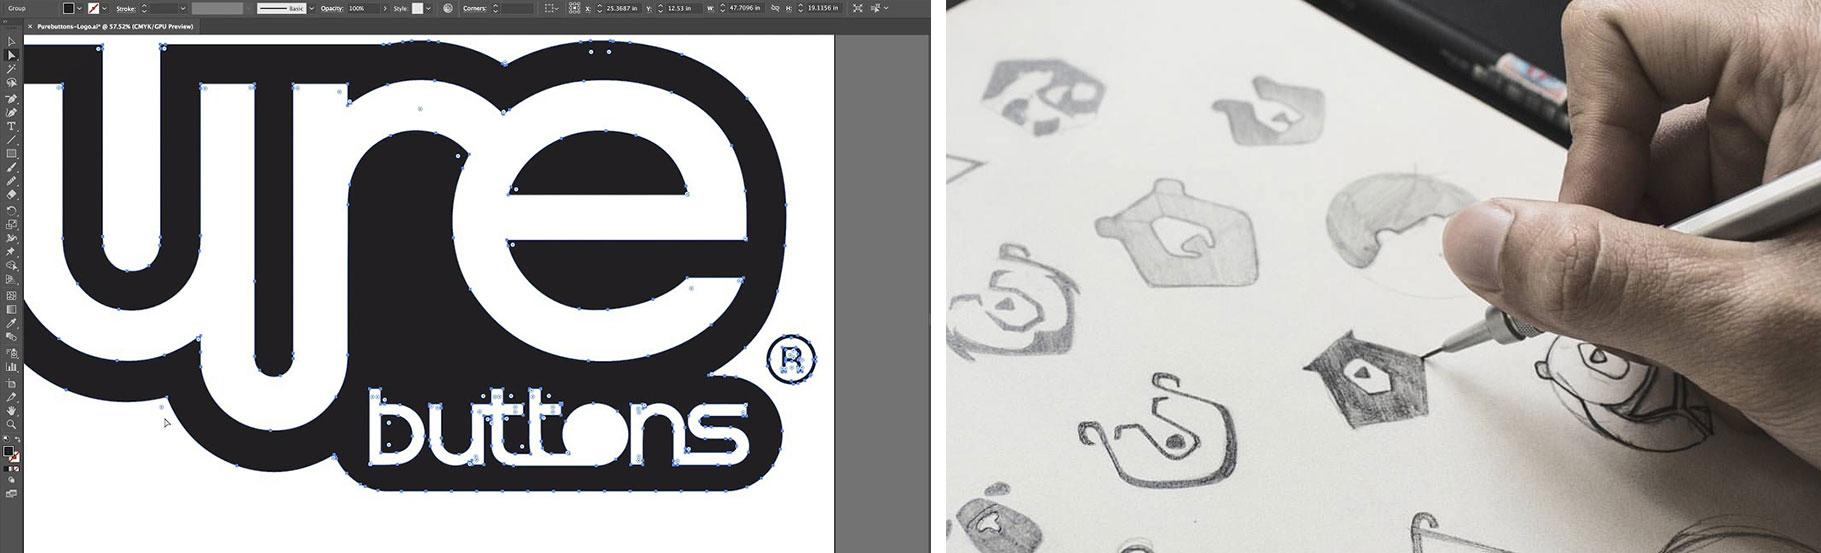 skice logotipa mede